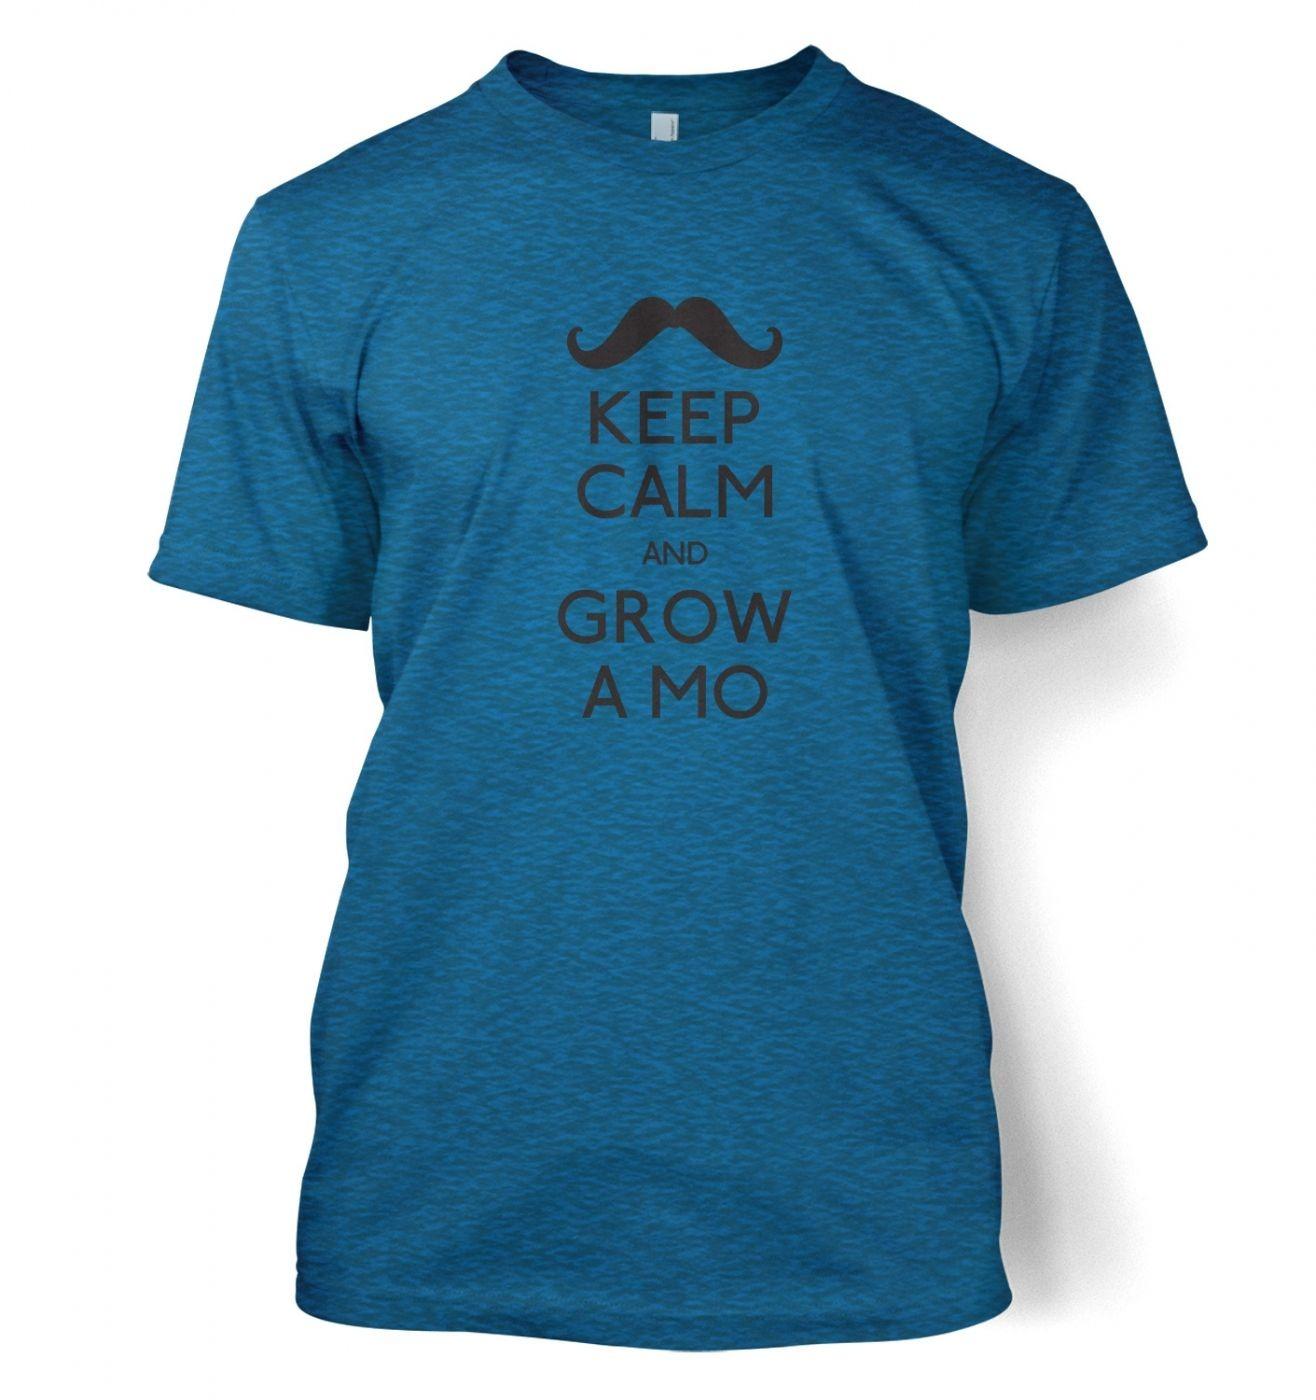 Keep Calm and Grow a Mo Men's t-shirt